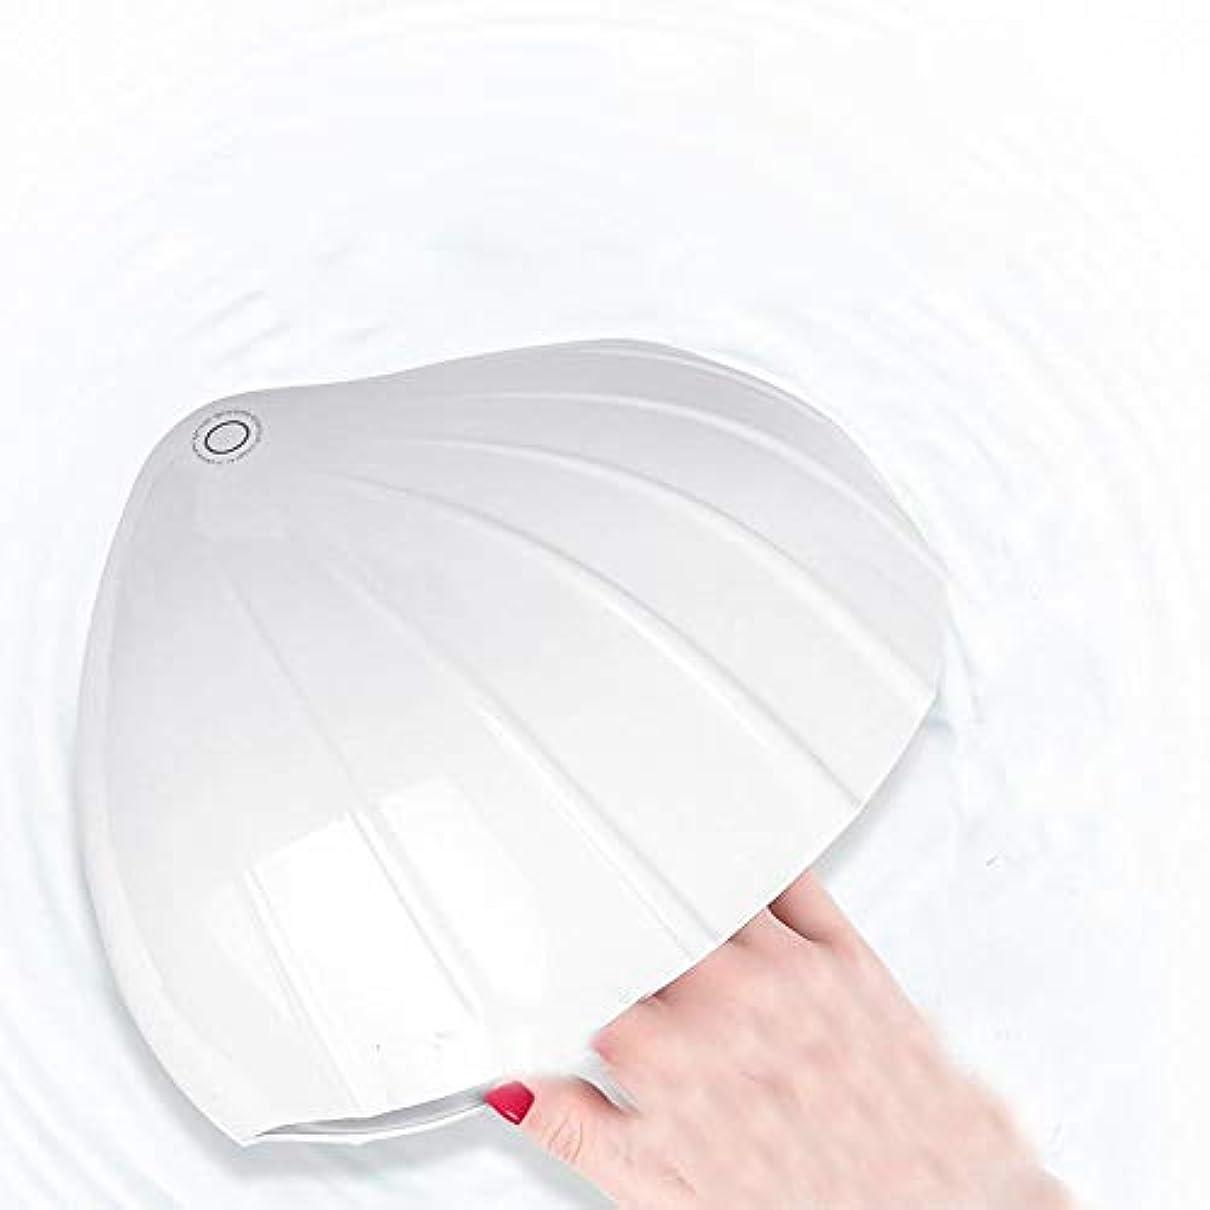 散歩アーサーコナンドイル生き物YESONEEP ネイル光線療法機ネイルポリッシュ光線療法ランプ家庭用ドライヤー速乾性ネイルランプスマートネイルランプ (Size : White)